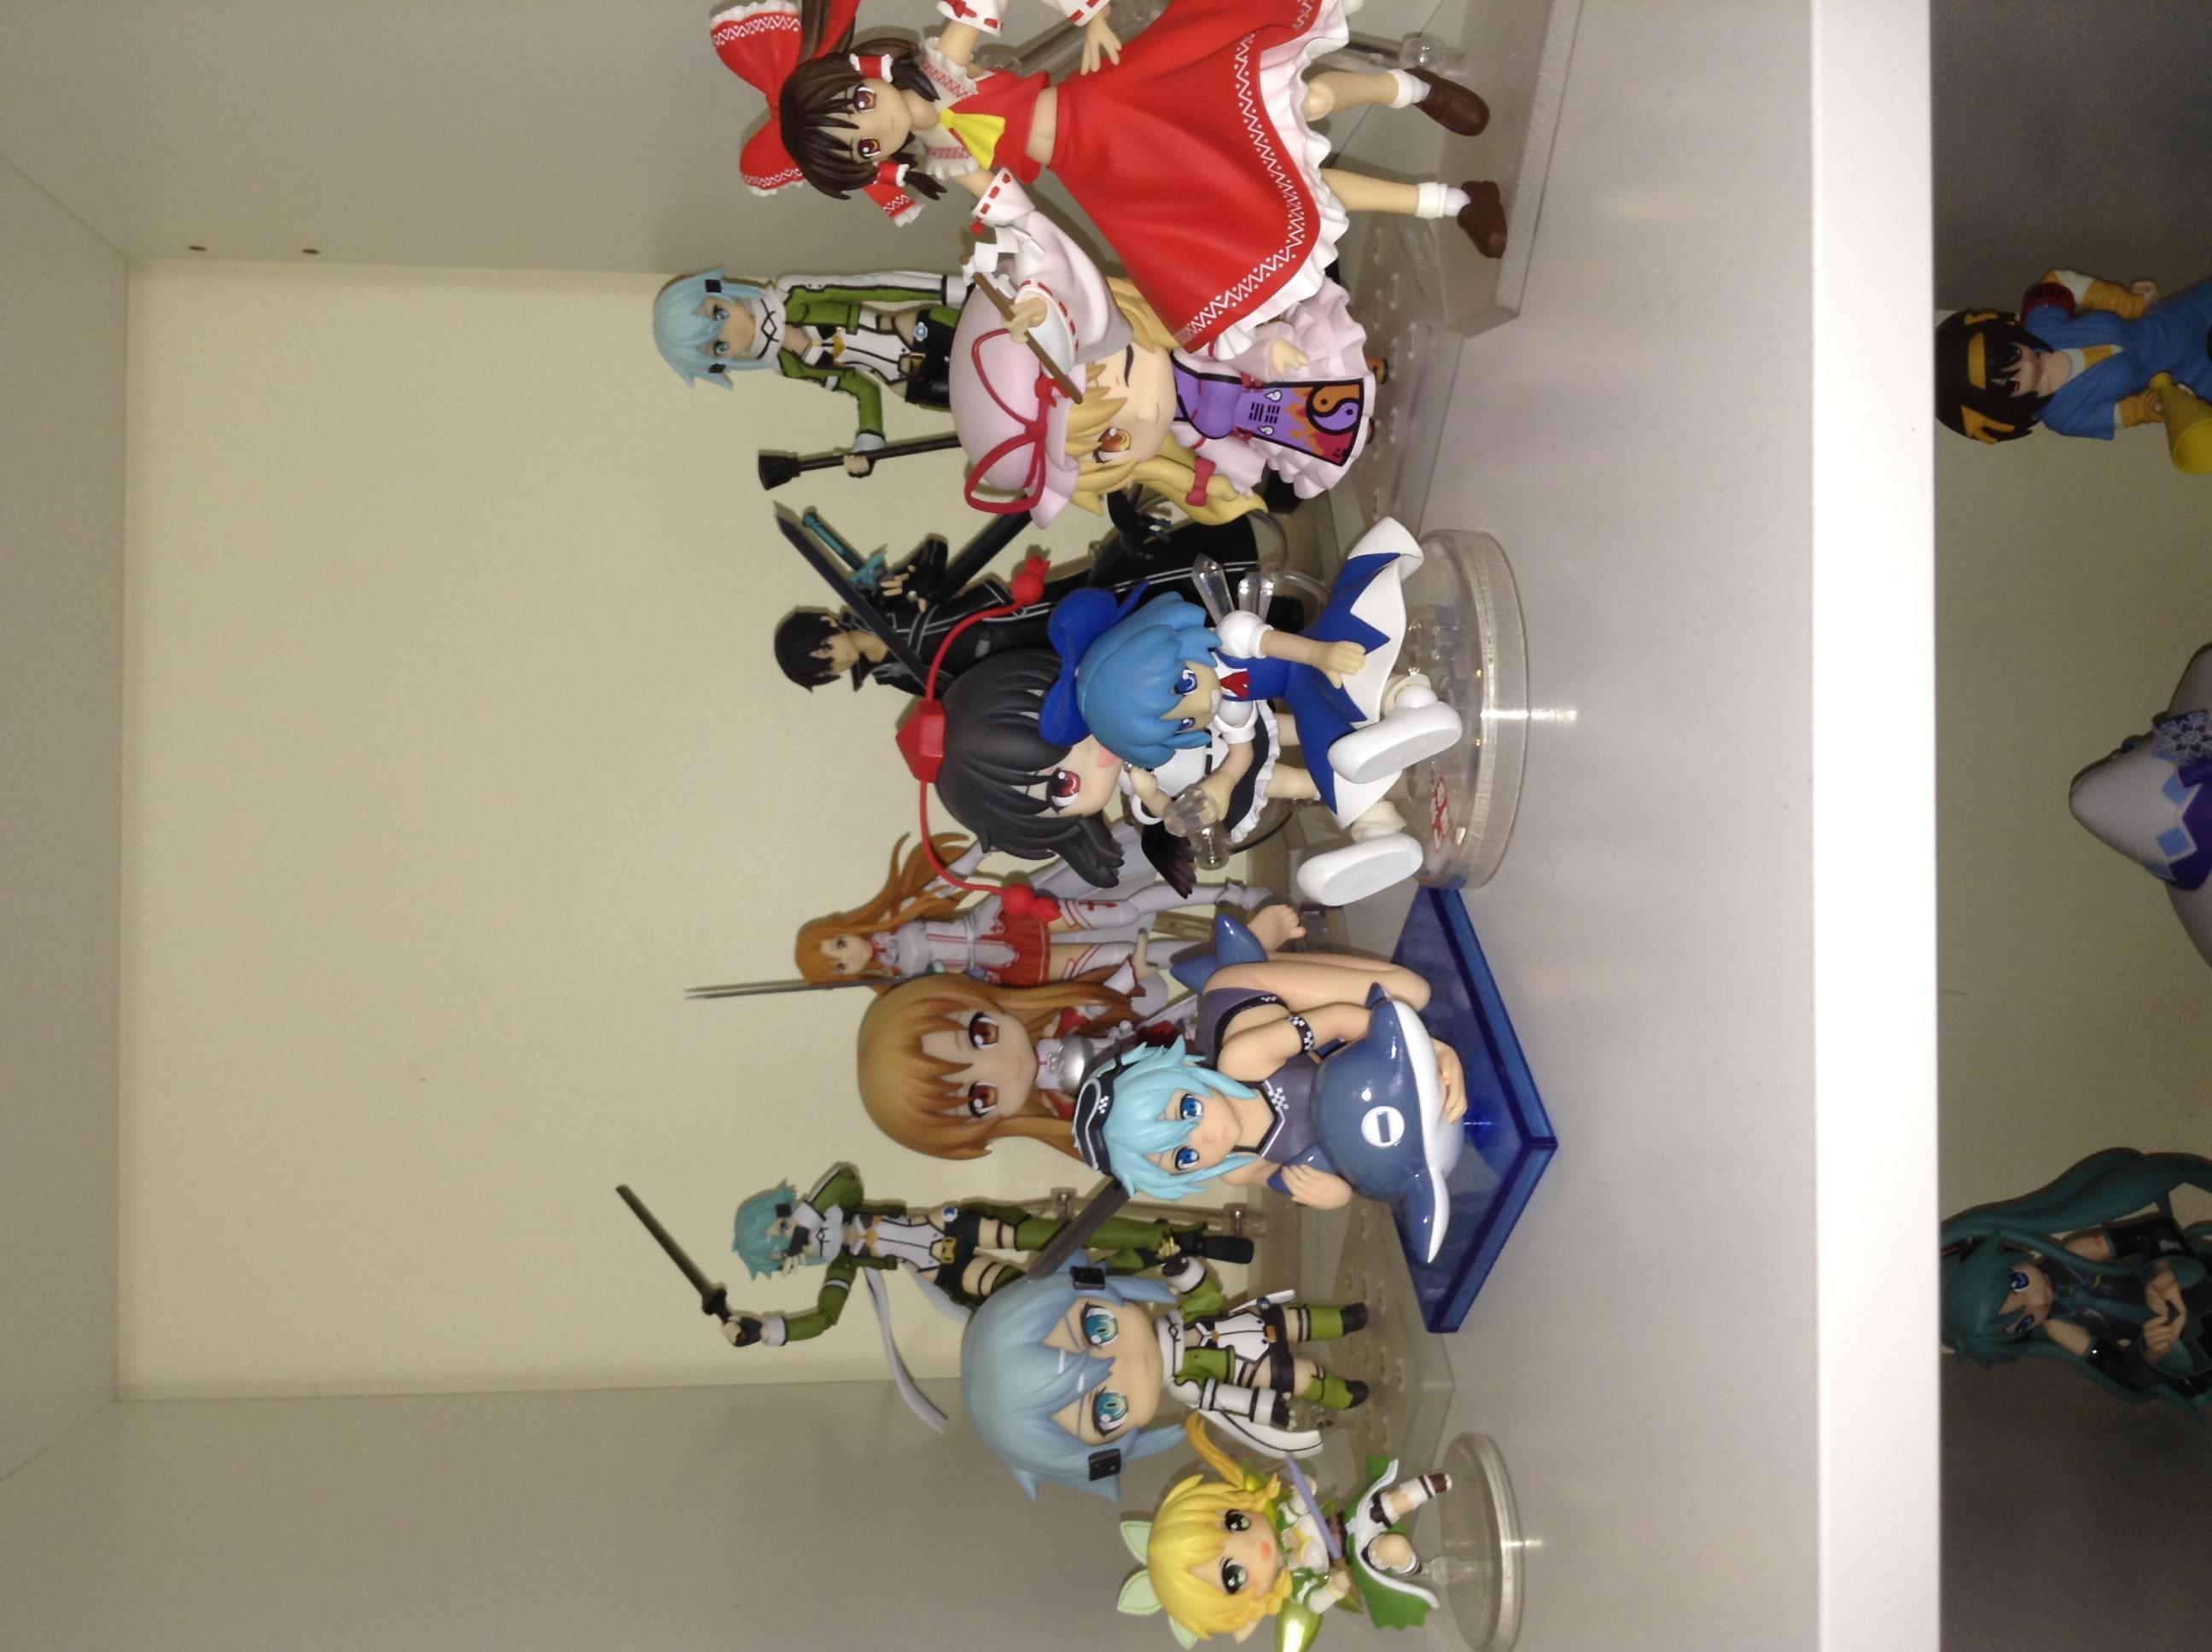 figma kotobukiya touhou_project nendoroid hakurei_reimu max_factory good_smile_company chara-ani cirno asuna liquid_stone ascii_media_works shameimaru_aya nendoron team_shanghai_alice koshinuma_shinji asai_(apsy)_masaki jun_(e.v.) toy's_works yakumo_yukari furyu niitengo nishimura_naoki mame_shiki fuumin sword_art_online shirasaki_isao kawahara_reki taizou cu-poche kirito leafa sinon sword_art_online_ii toy's_works_collection_2.5_deluxe_sword_art_online